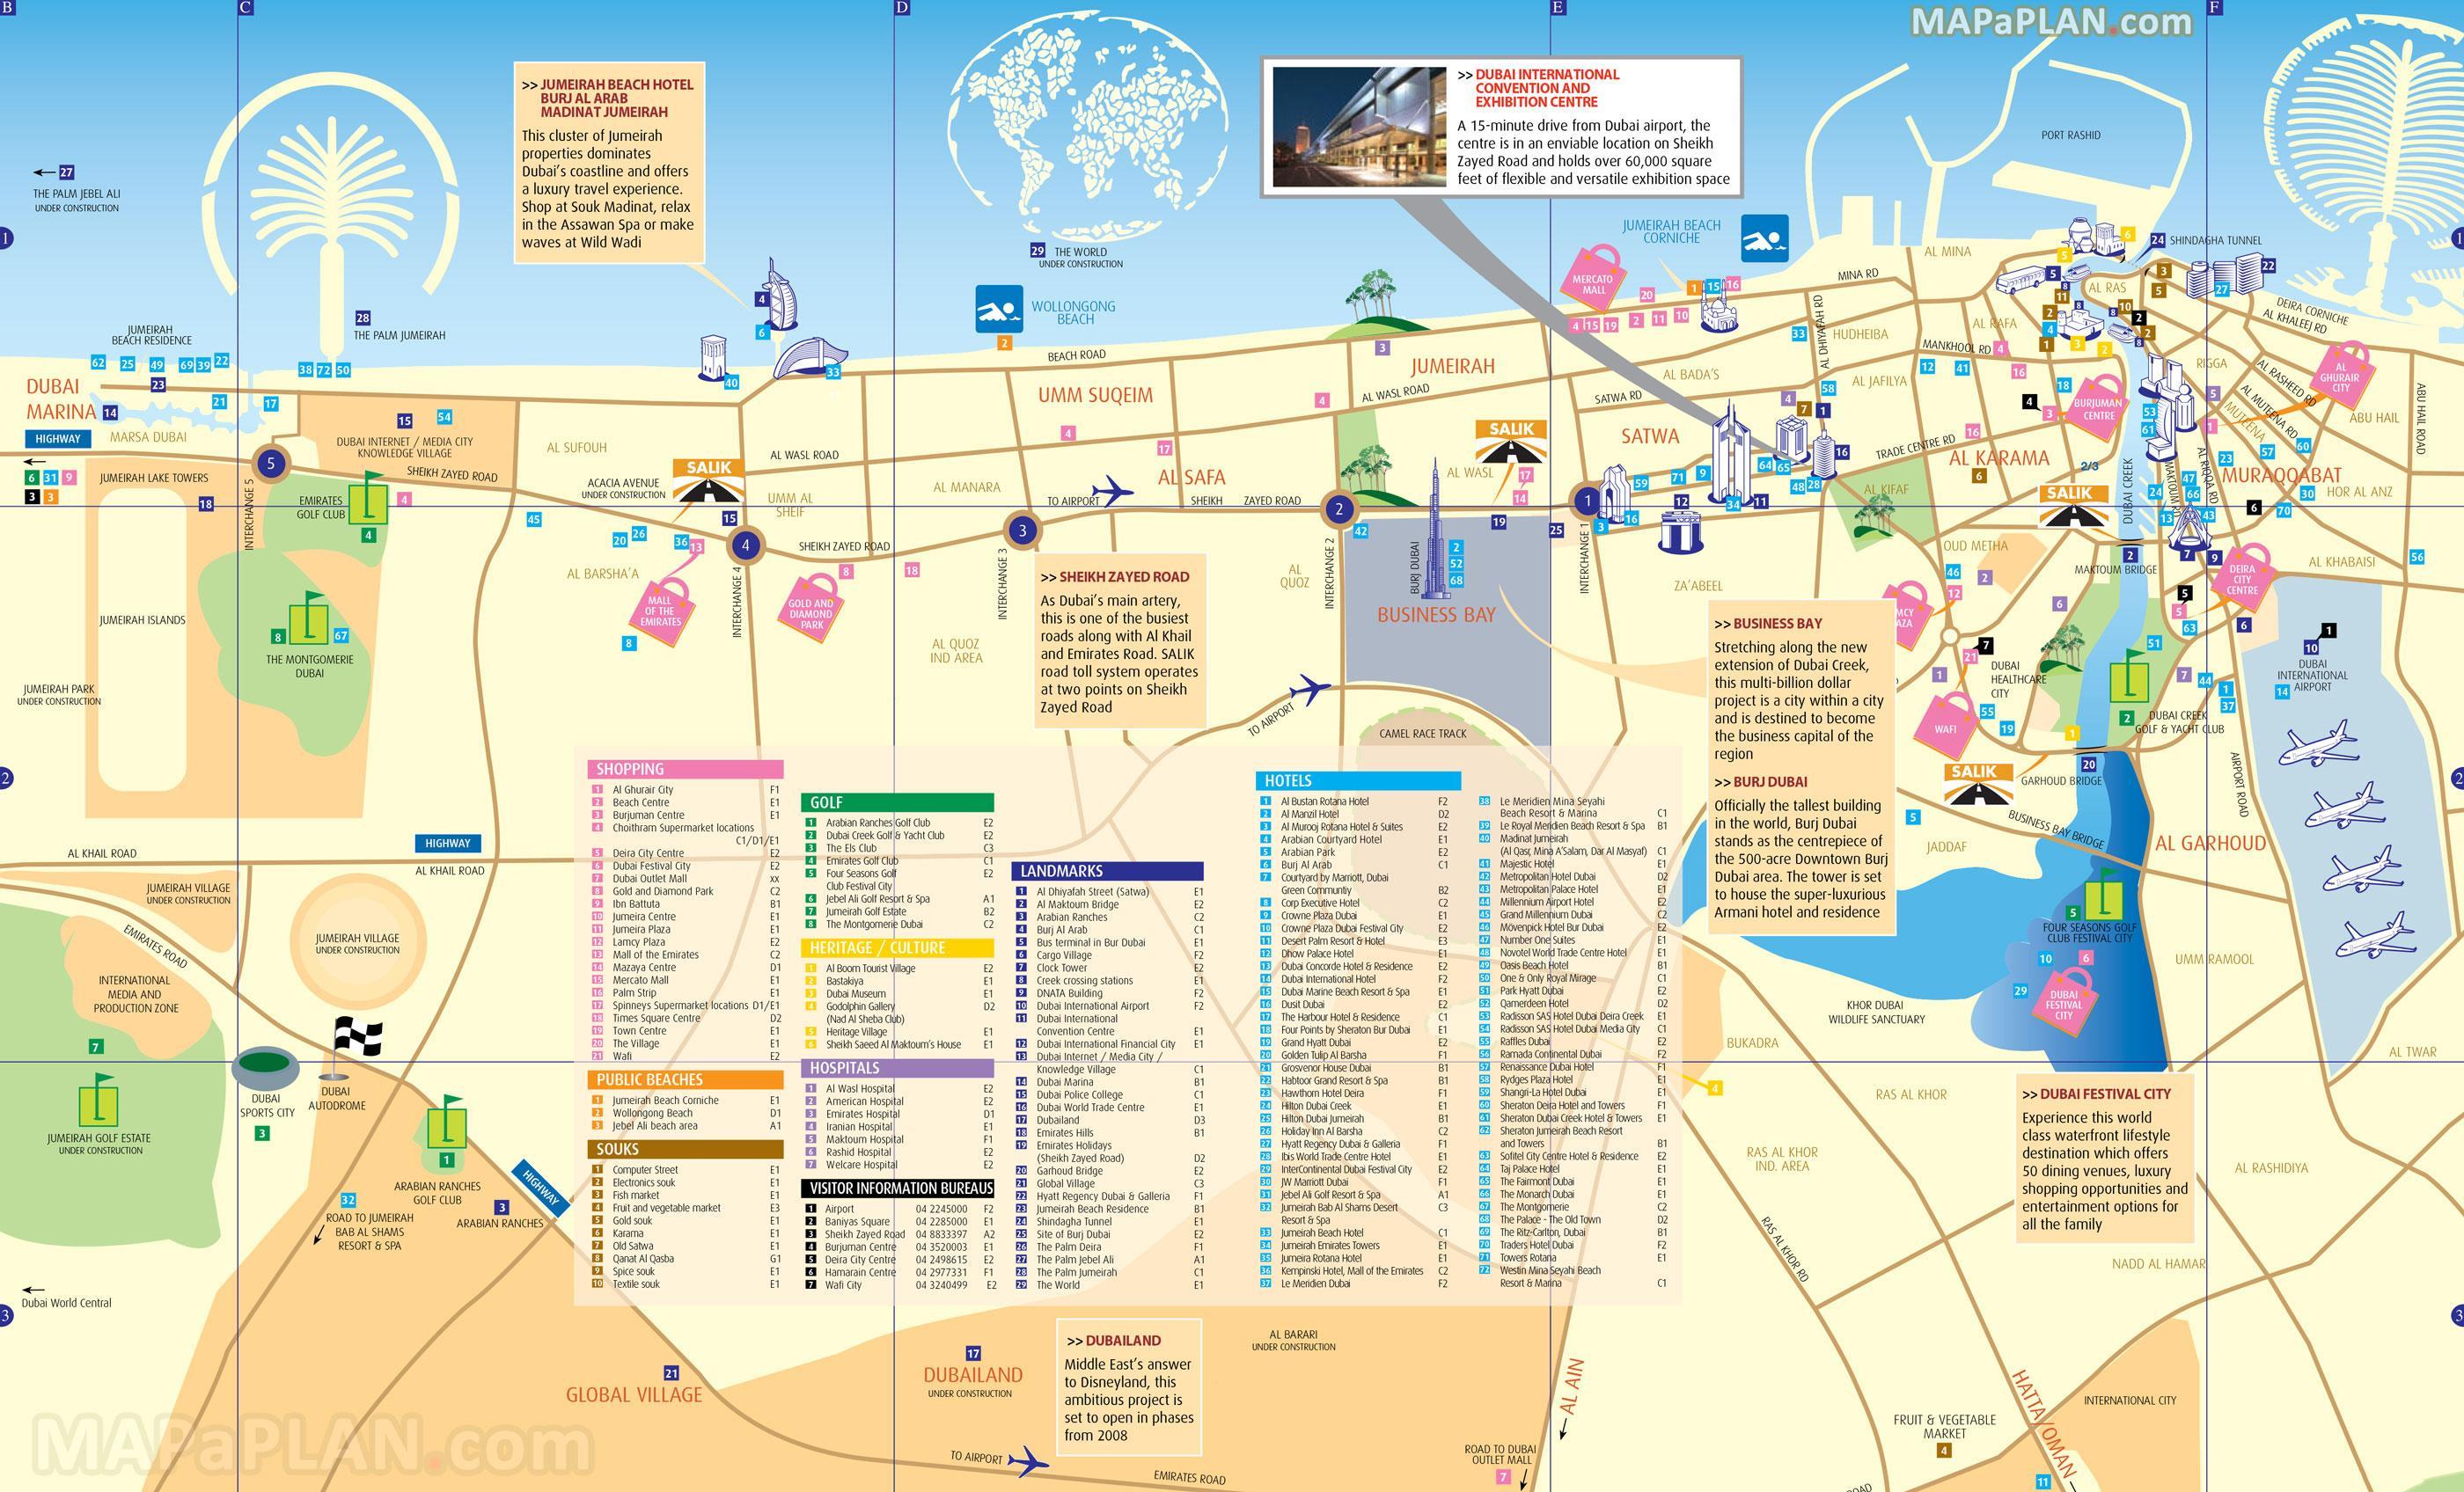 Cartina Geografica Di Dubai.Mappa Di Dubai Dubai Mappa Della Posizione Emirati Arabi Uniti